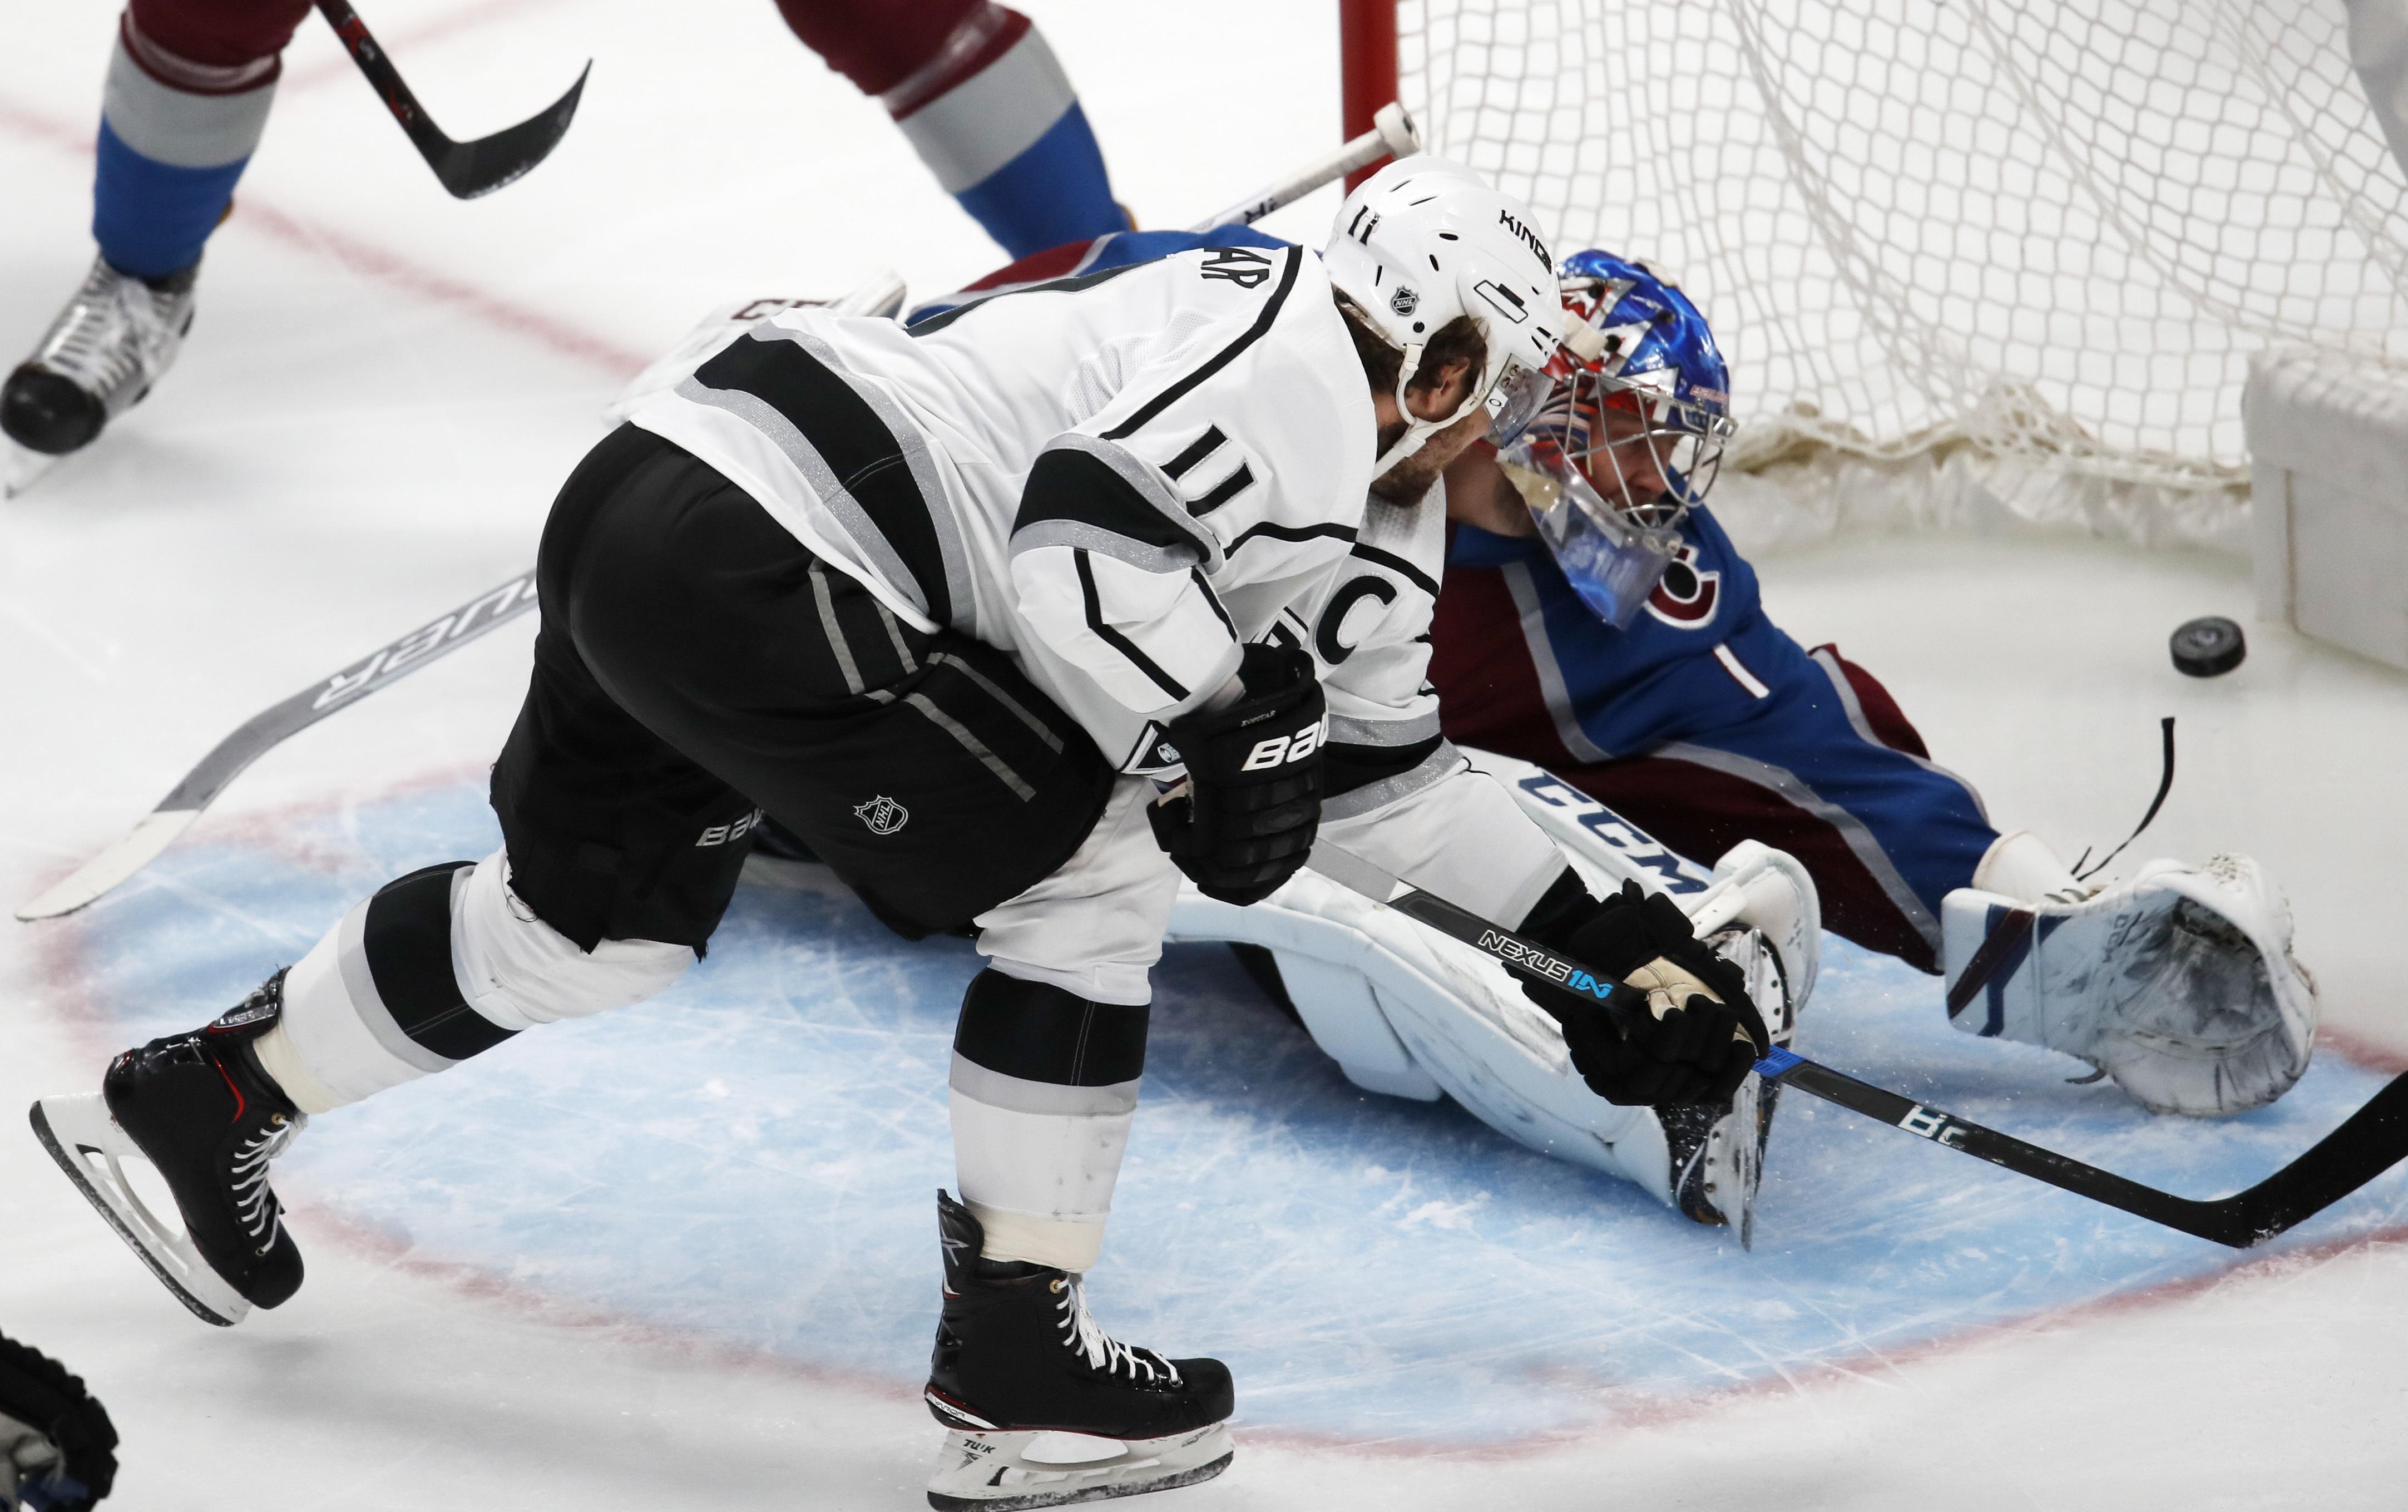 Kings_avalanche_hockey_37841